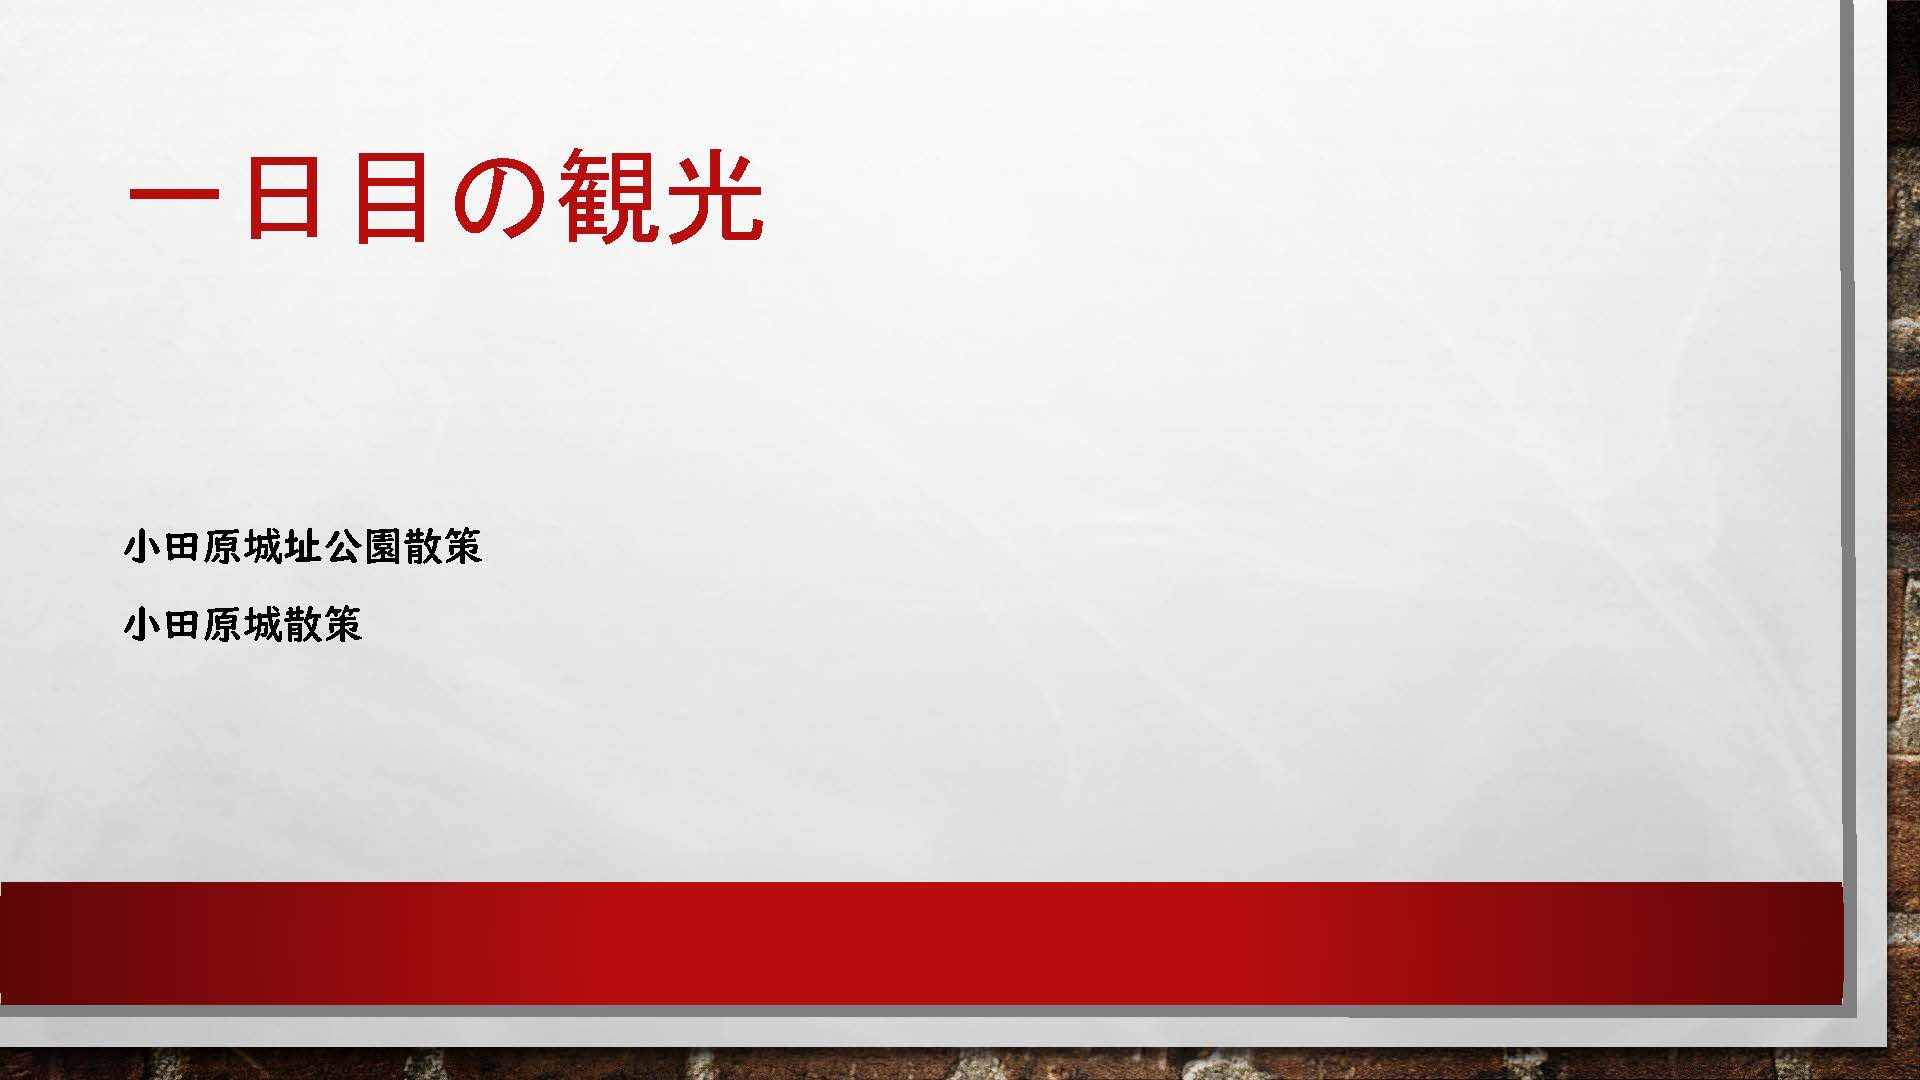 溝の口駅前センター【Aチーム】_ページ_3